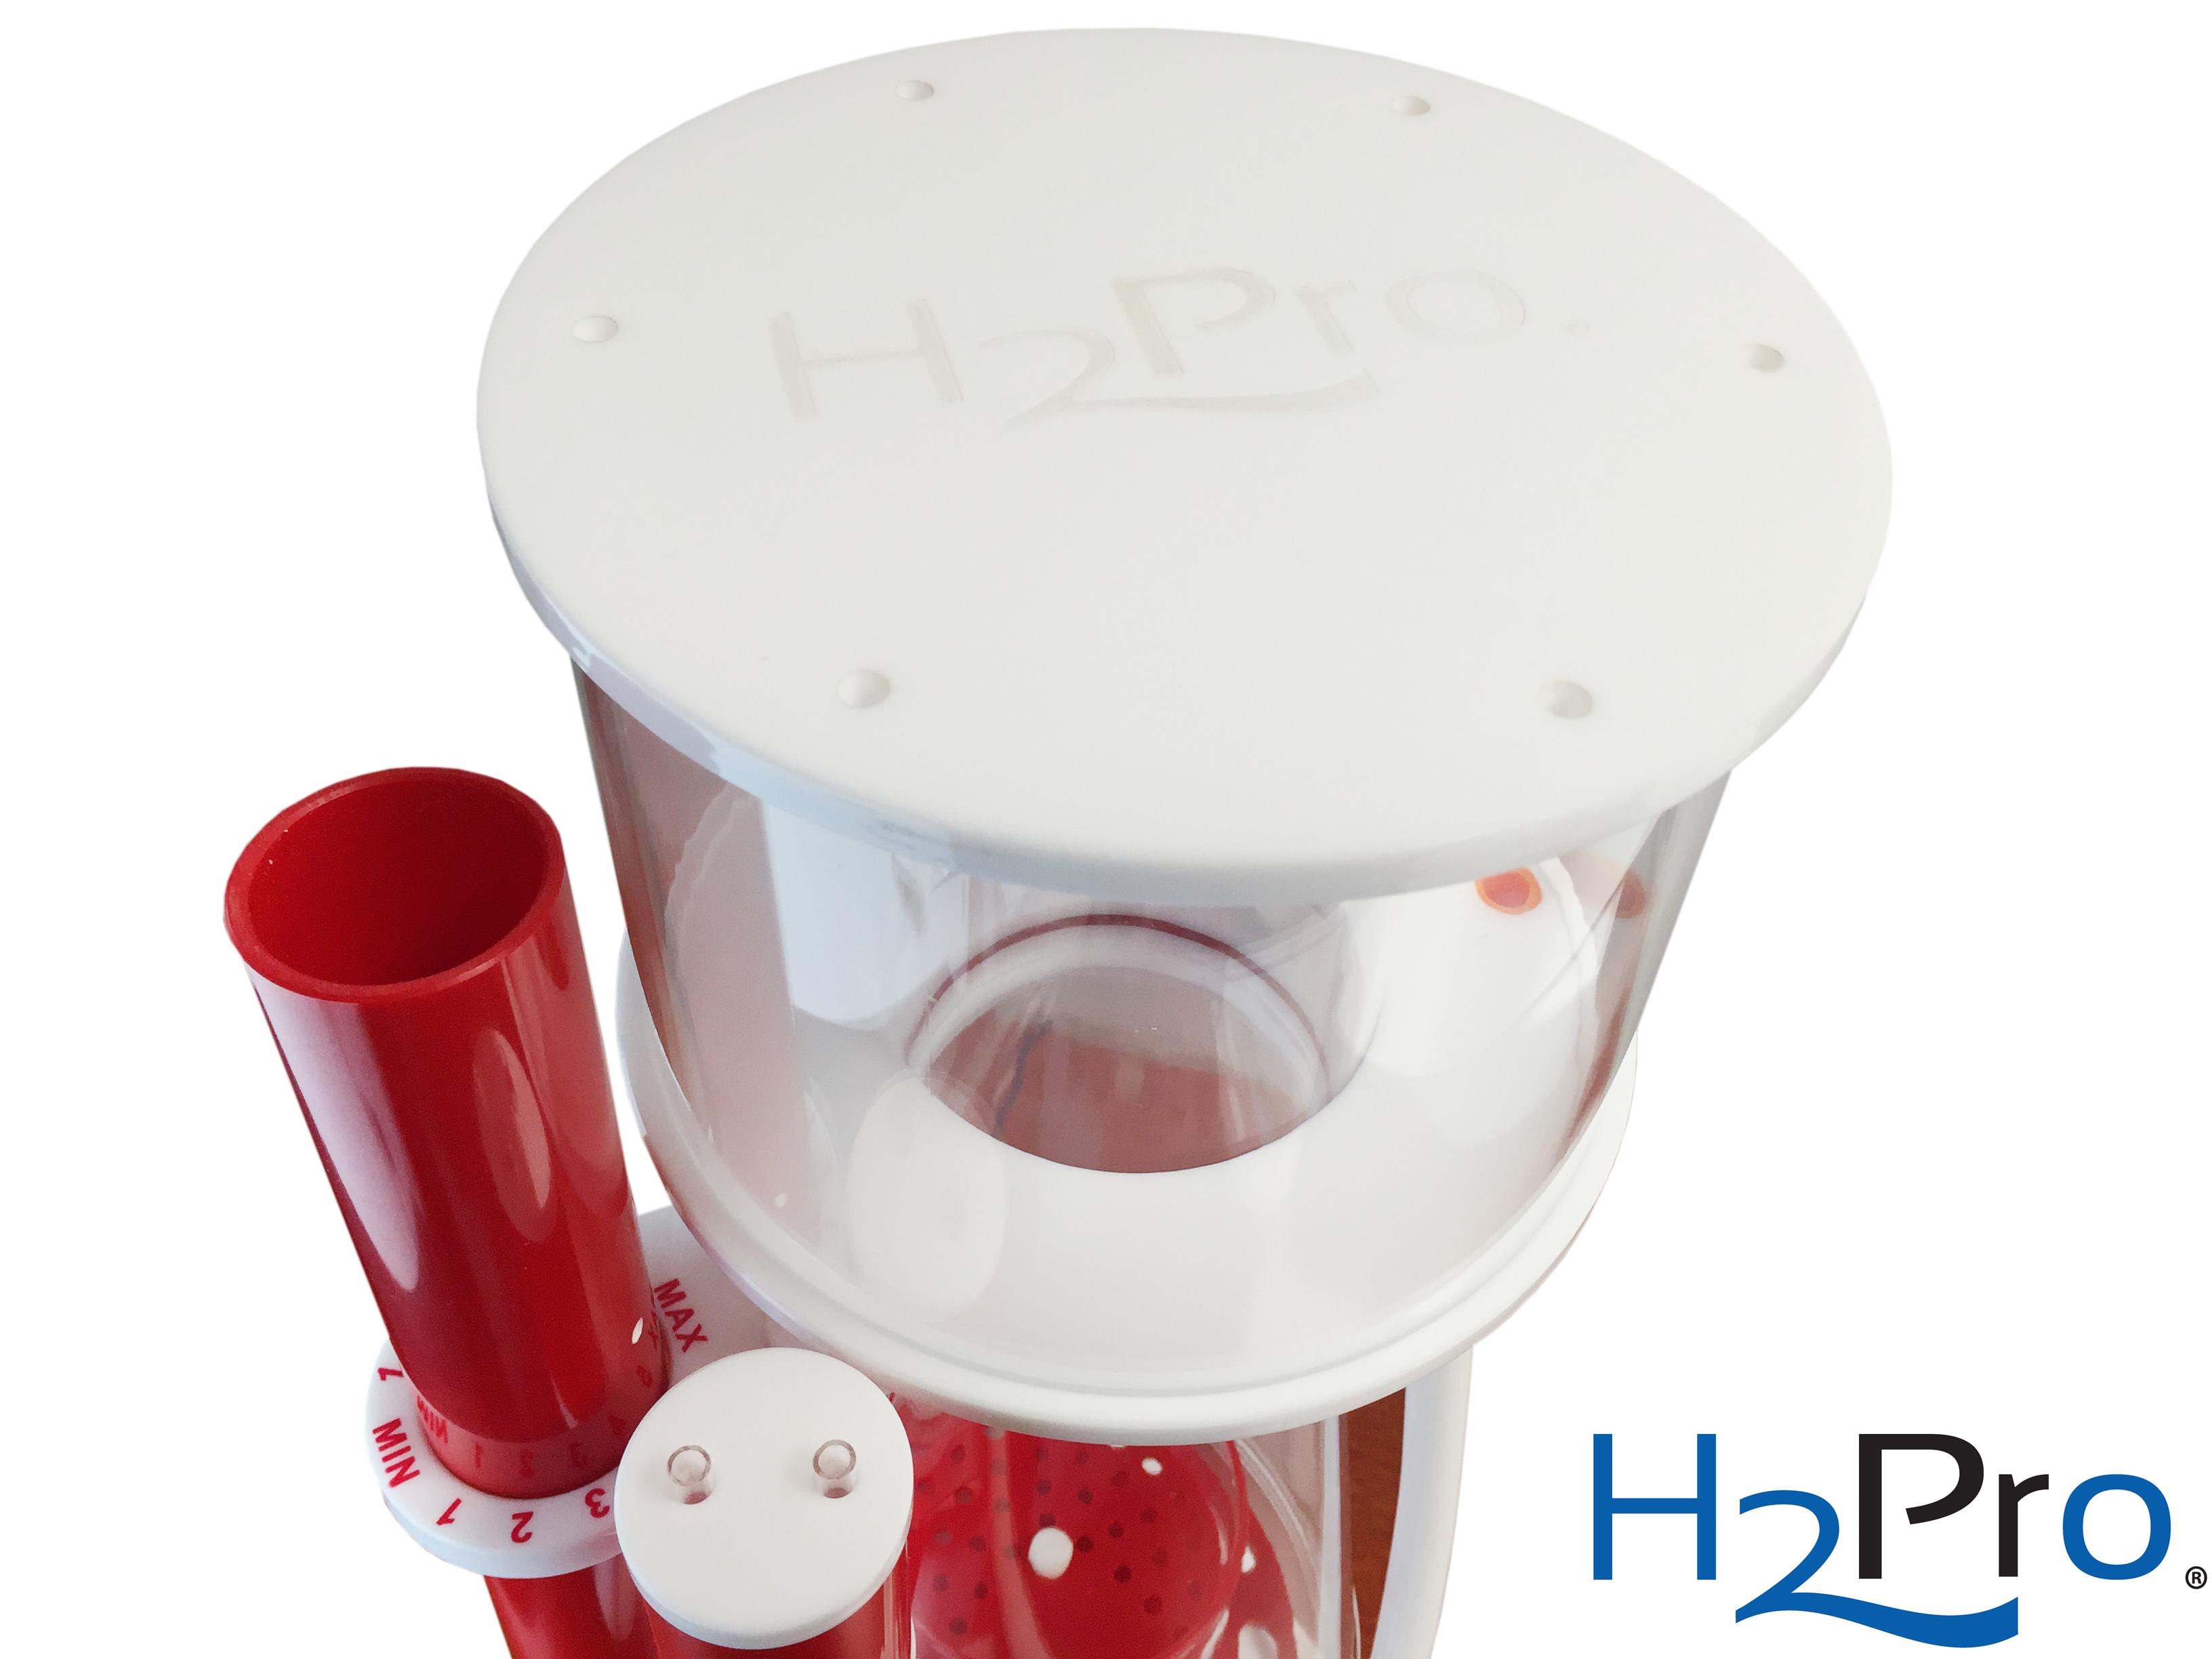 H2Pro C-9 Protein Skimmer, 185-370gal, 385gph Gallery